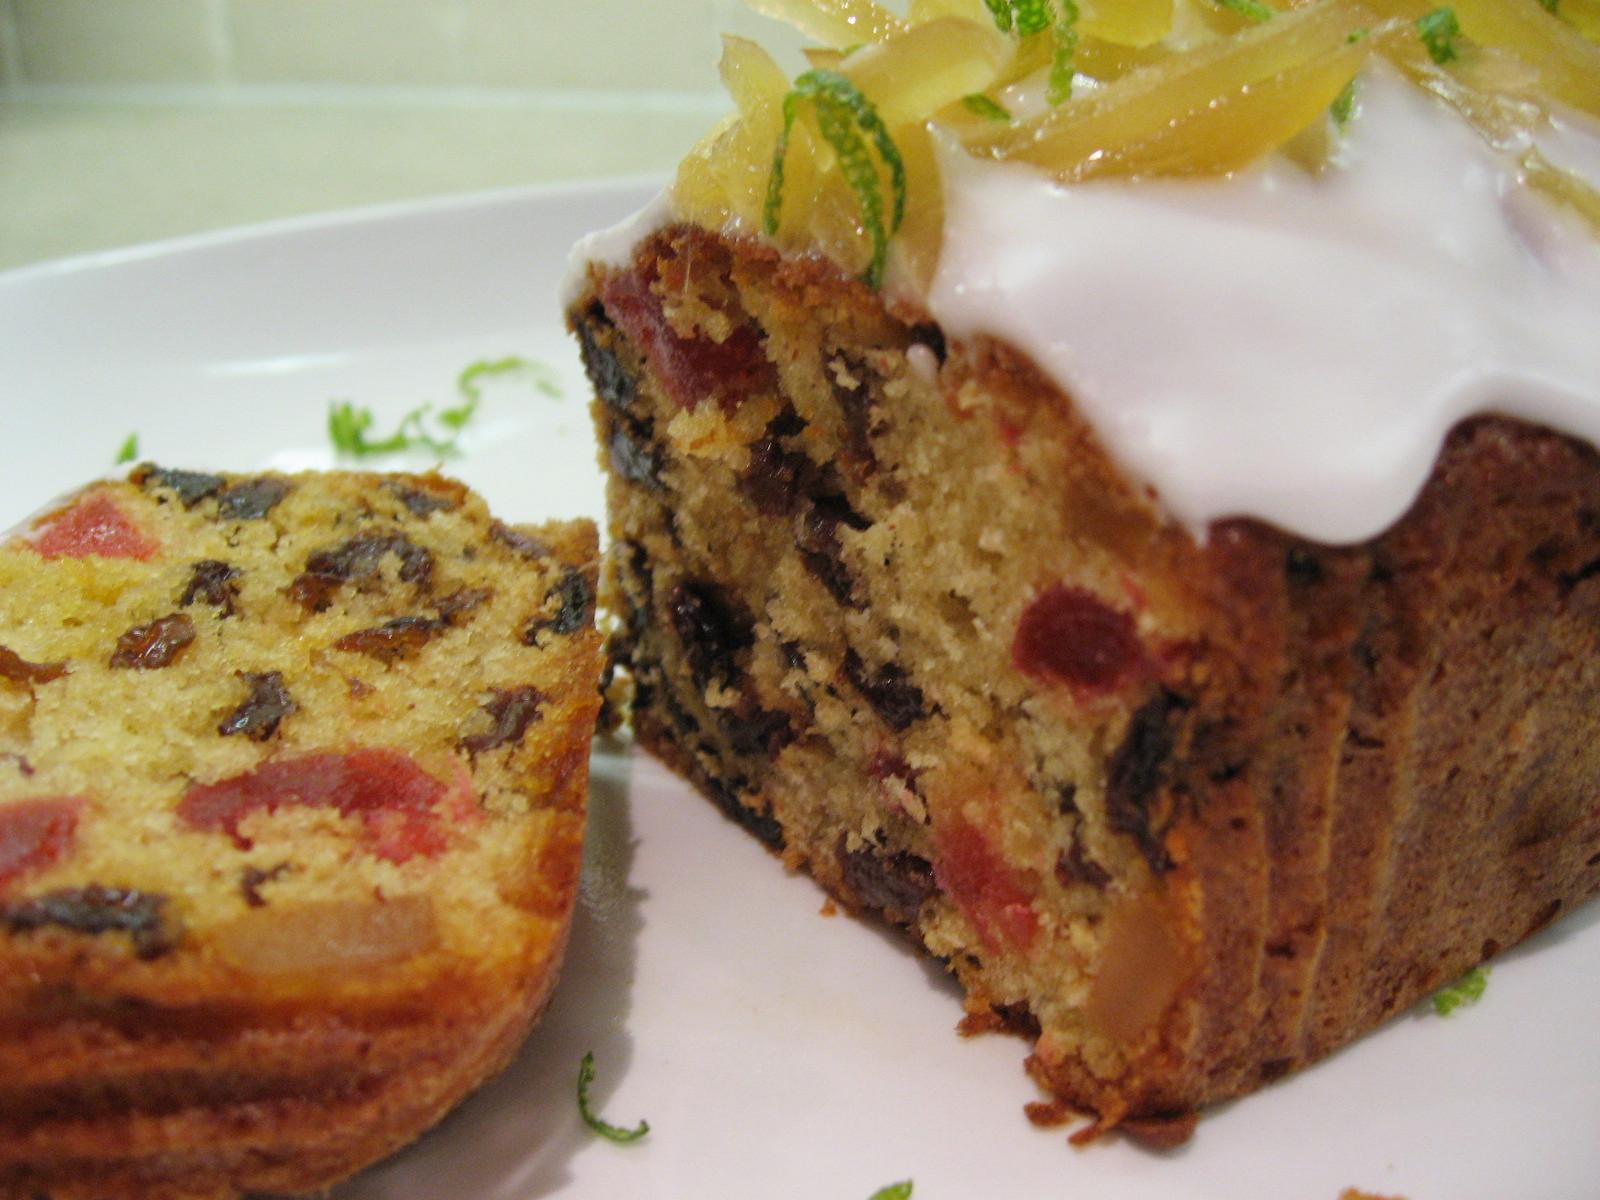 Fruit Cake Recipe Loaf Pan: Kitchen Delights: September 2007